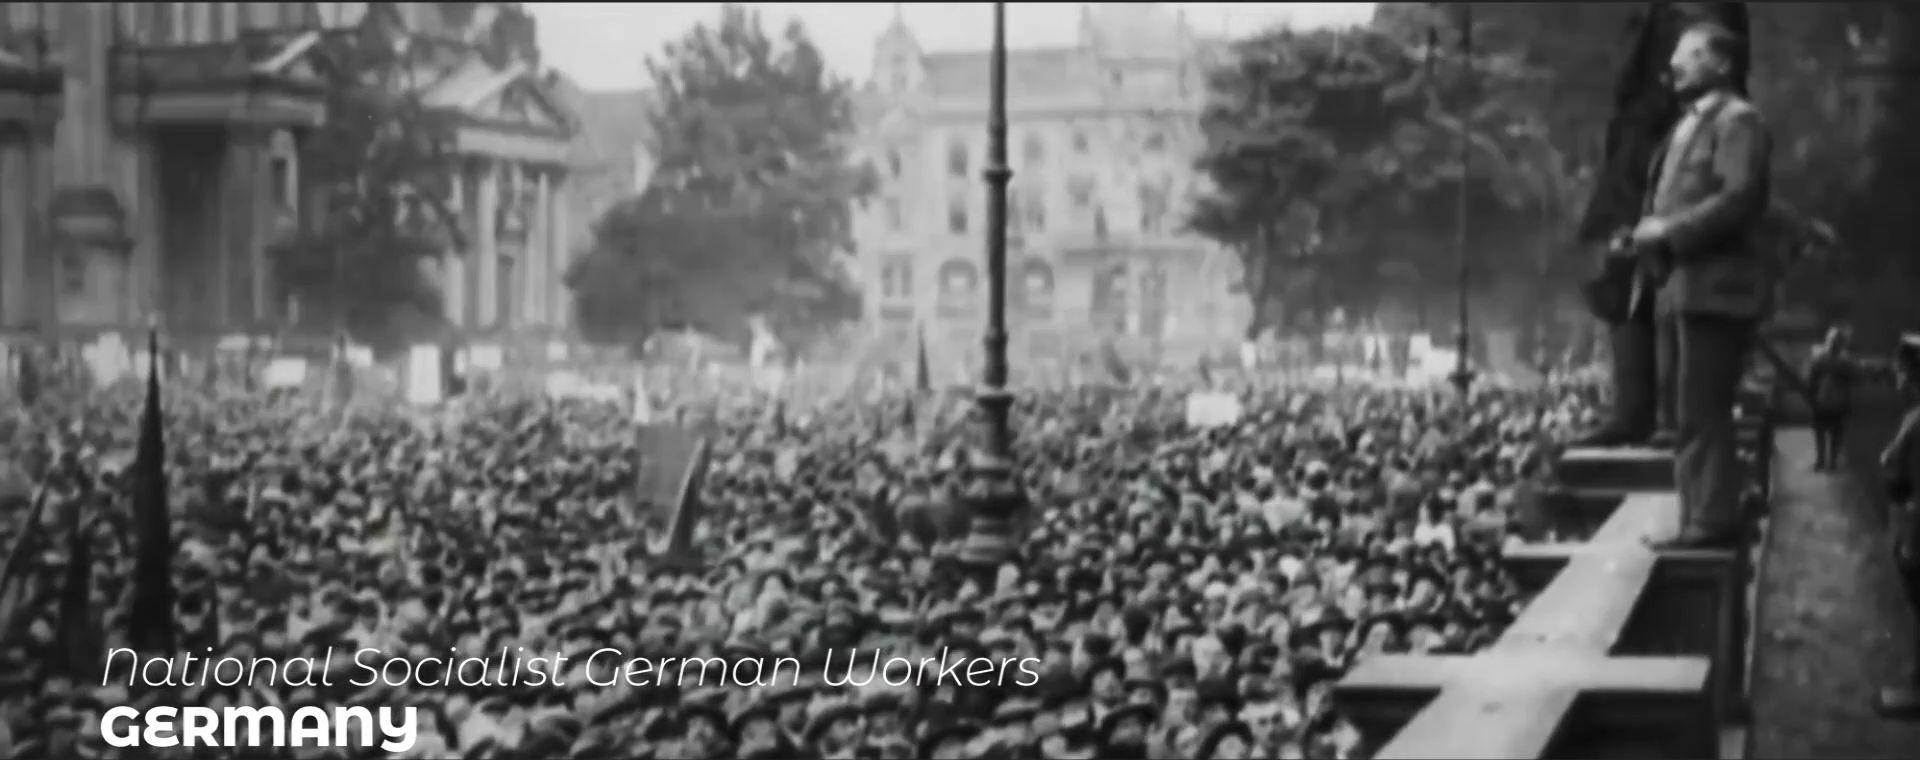 NATIONAL SOCIALIST GERMAN WORKERS